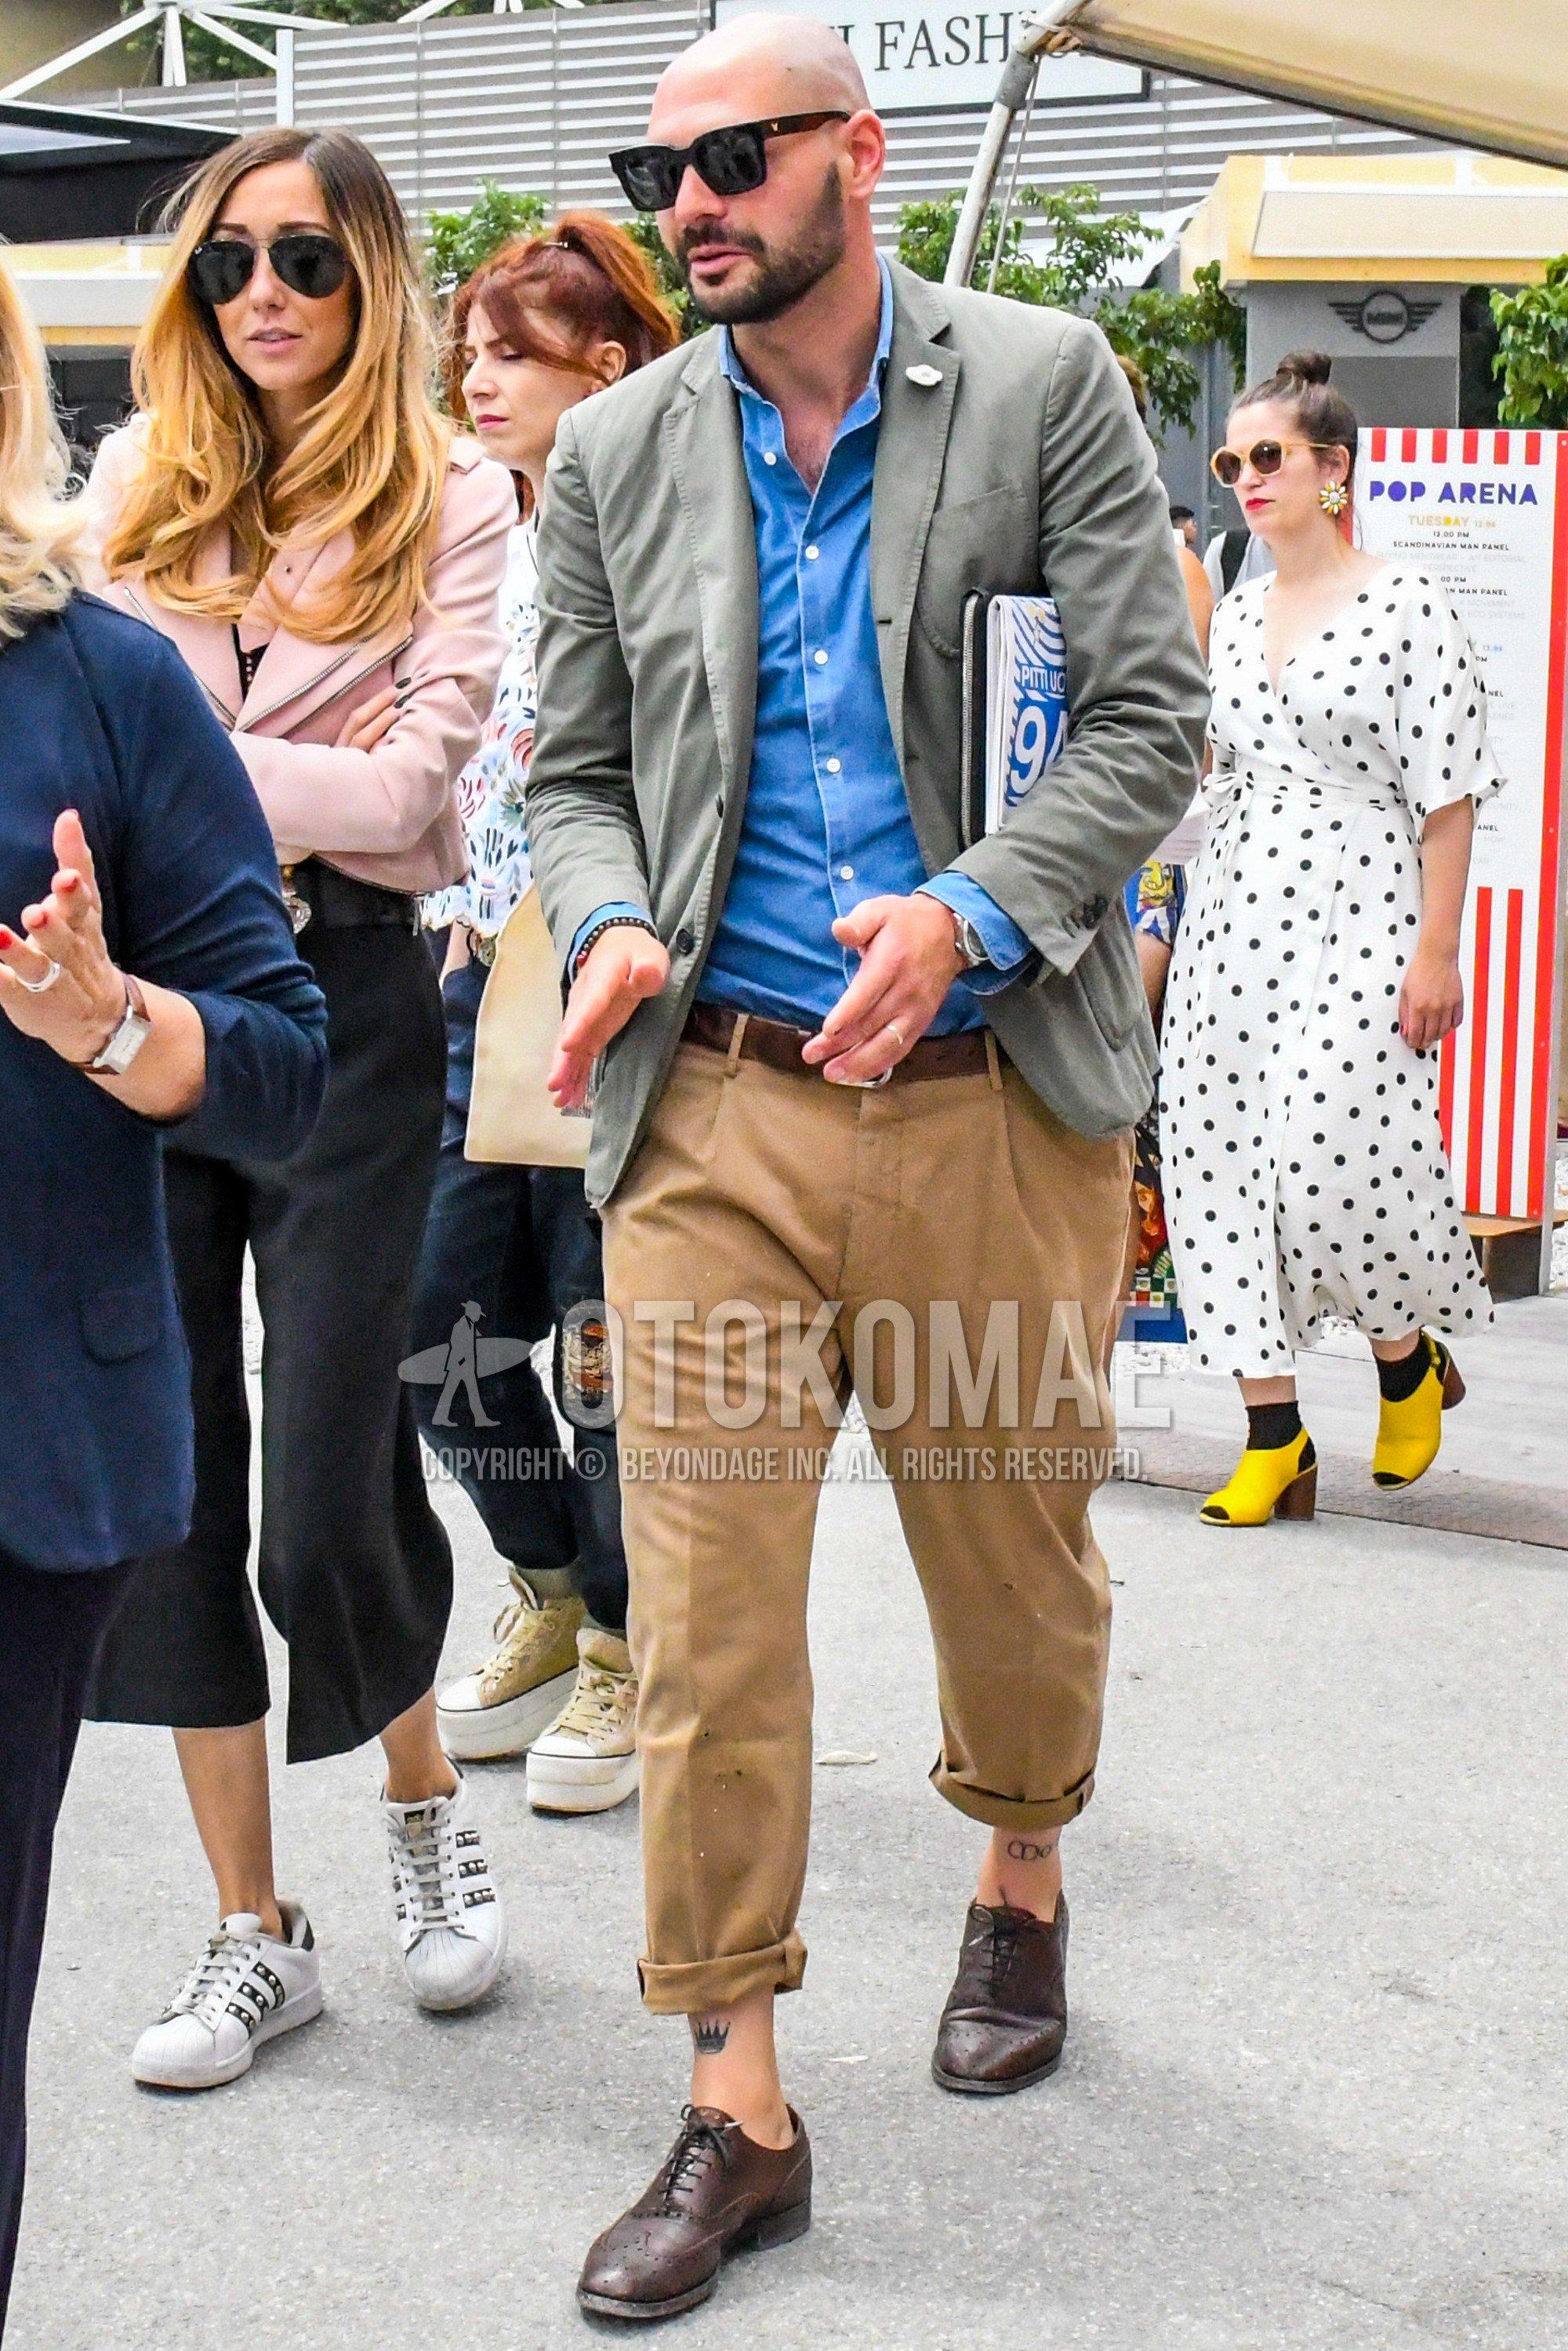 黒無地のサングラス、ラルディーニのグレー無地のテーラードジャケット、ブルー無地のデニム/シャンブレーシャツ、ブラウン無地のレザーベルト、ベージュ無地のチノパン、ブラウンウィングチップの革靴を合わせた春夏秋のメンズコーデ・着こなし。